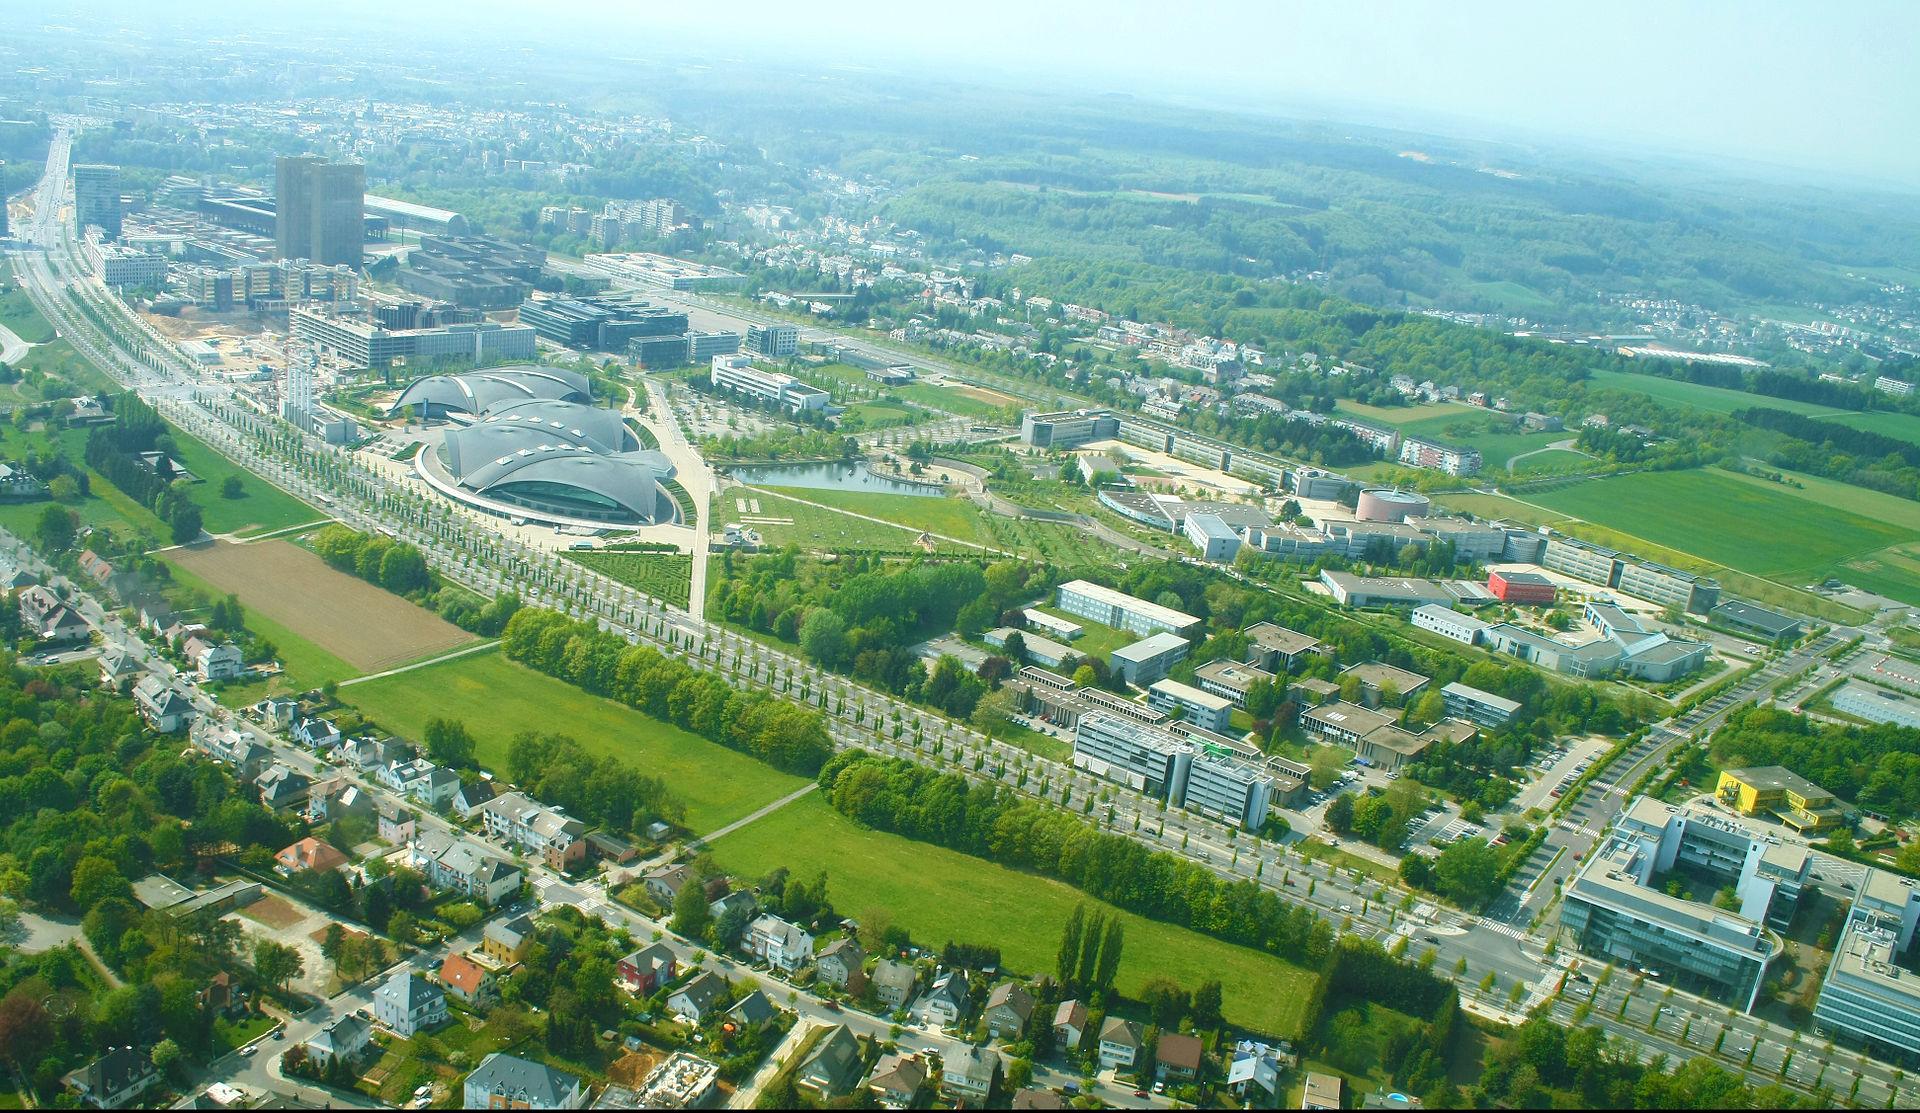 University of Luxembourg © Wikipedia